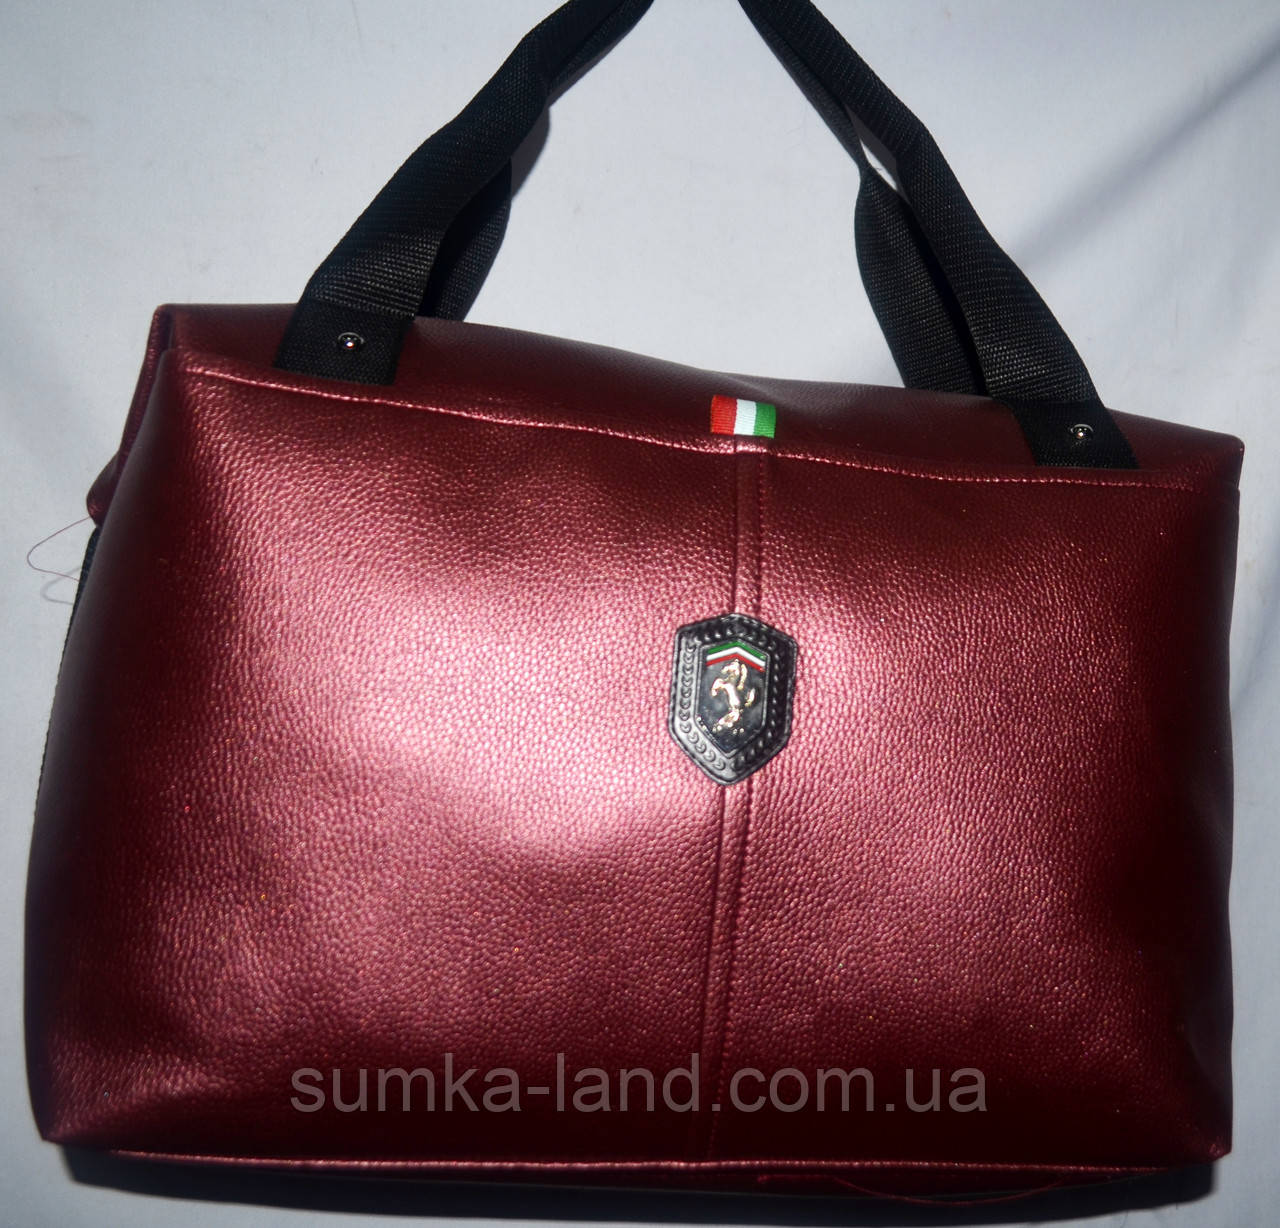 Женская универсальная бордовая сумка Ferrari из искусственной кожи 39*24 см